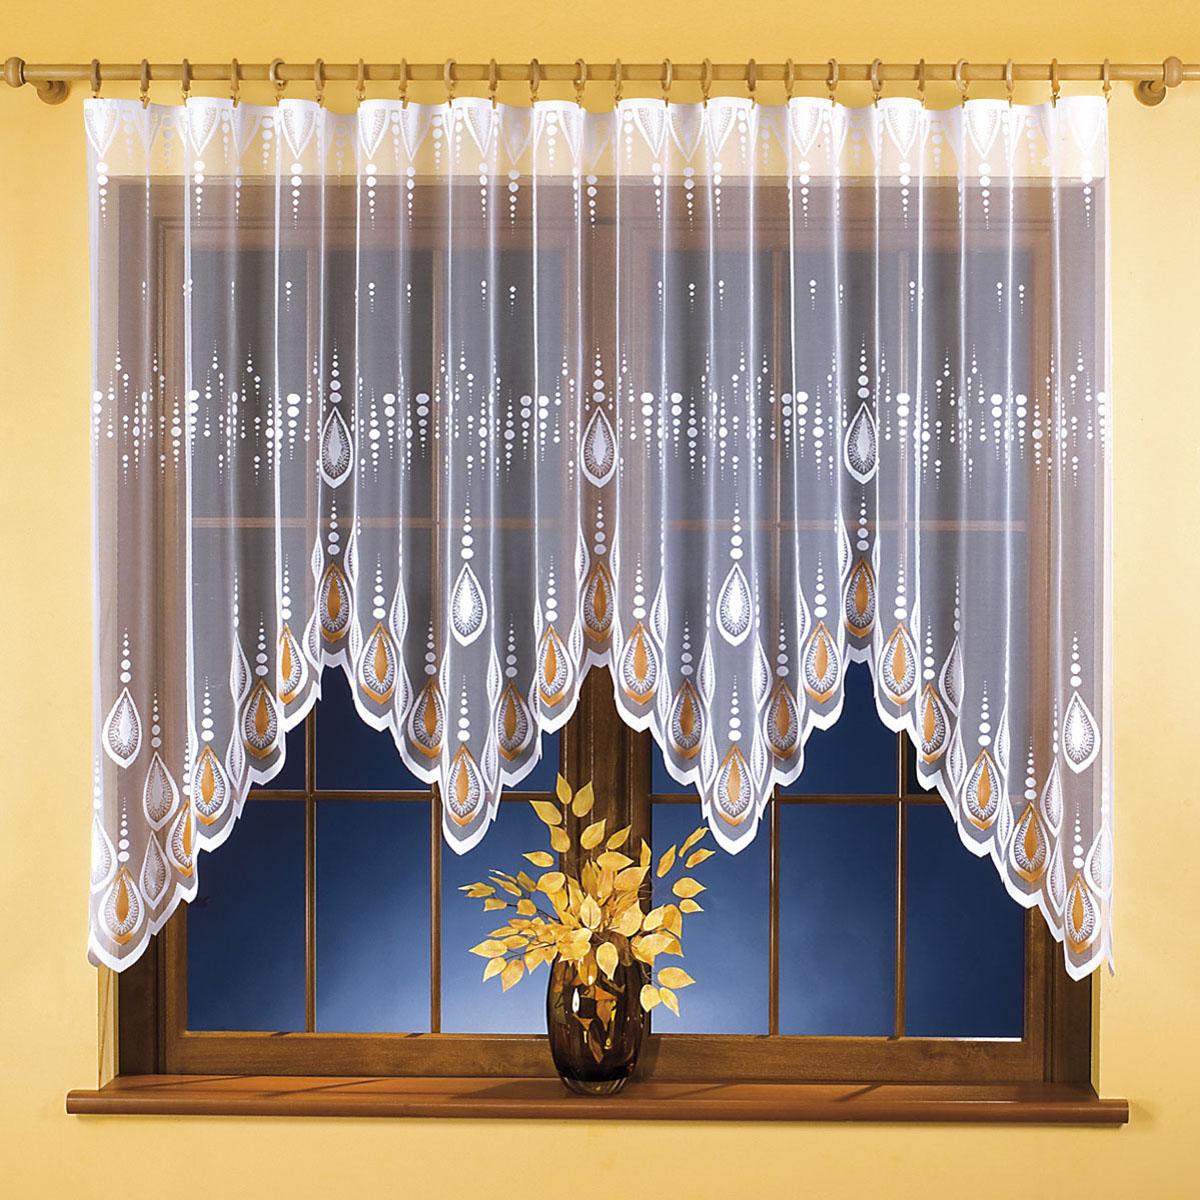 Штора для кухни Wisan, на ленте, цвет: белый, оранжевый, высота 150 см. 9641956251325Штора Wisan, выполненная из легкого полупрозрачного полиэстера белого цвета, станет великолепным украшением кухонного окна. Изделие имеет ассиметричную длину и красивый орнамент по краю. Качественный материал и оригинальный дизайн привлекут к себе внимание и позволят шторе органично вписаться в интерьер помещения. Штора оснащена шторной лентой под зажимы для крепления на карниз.